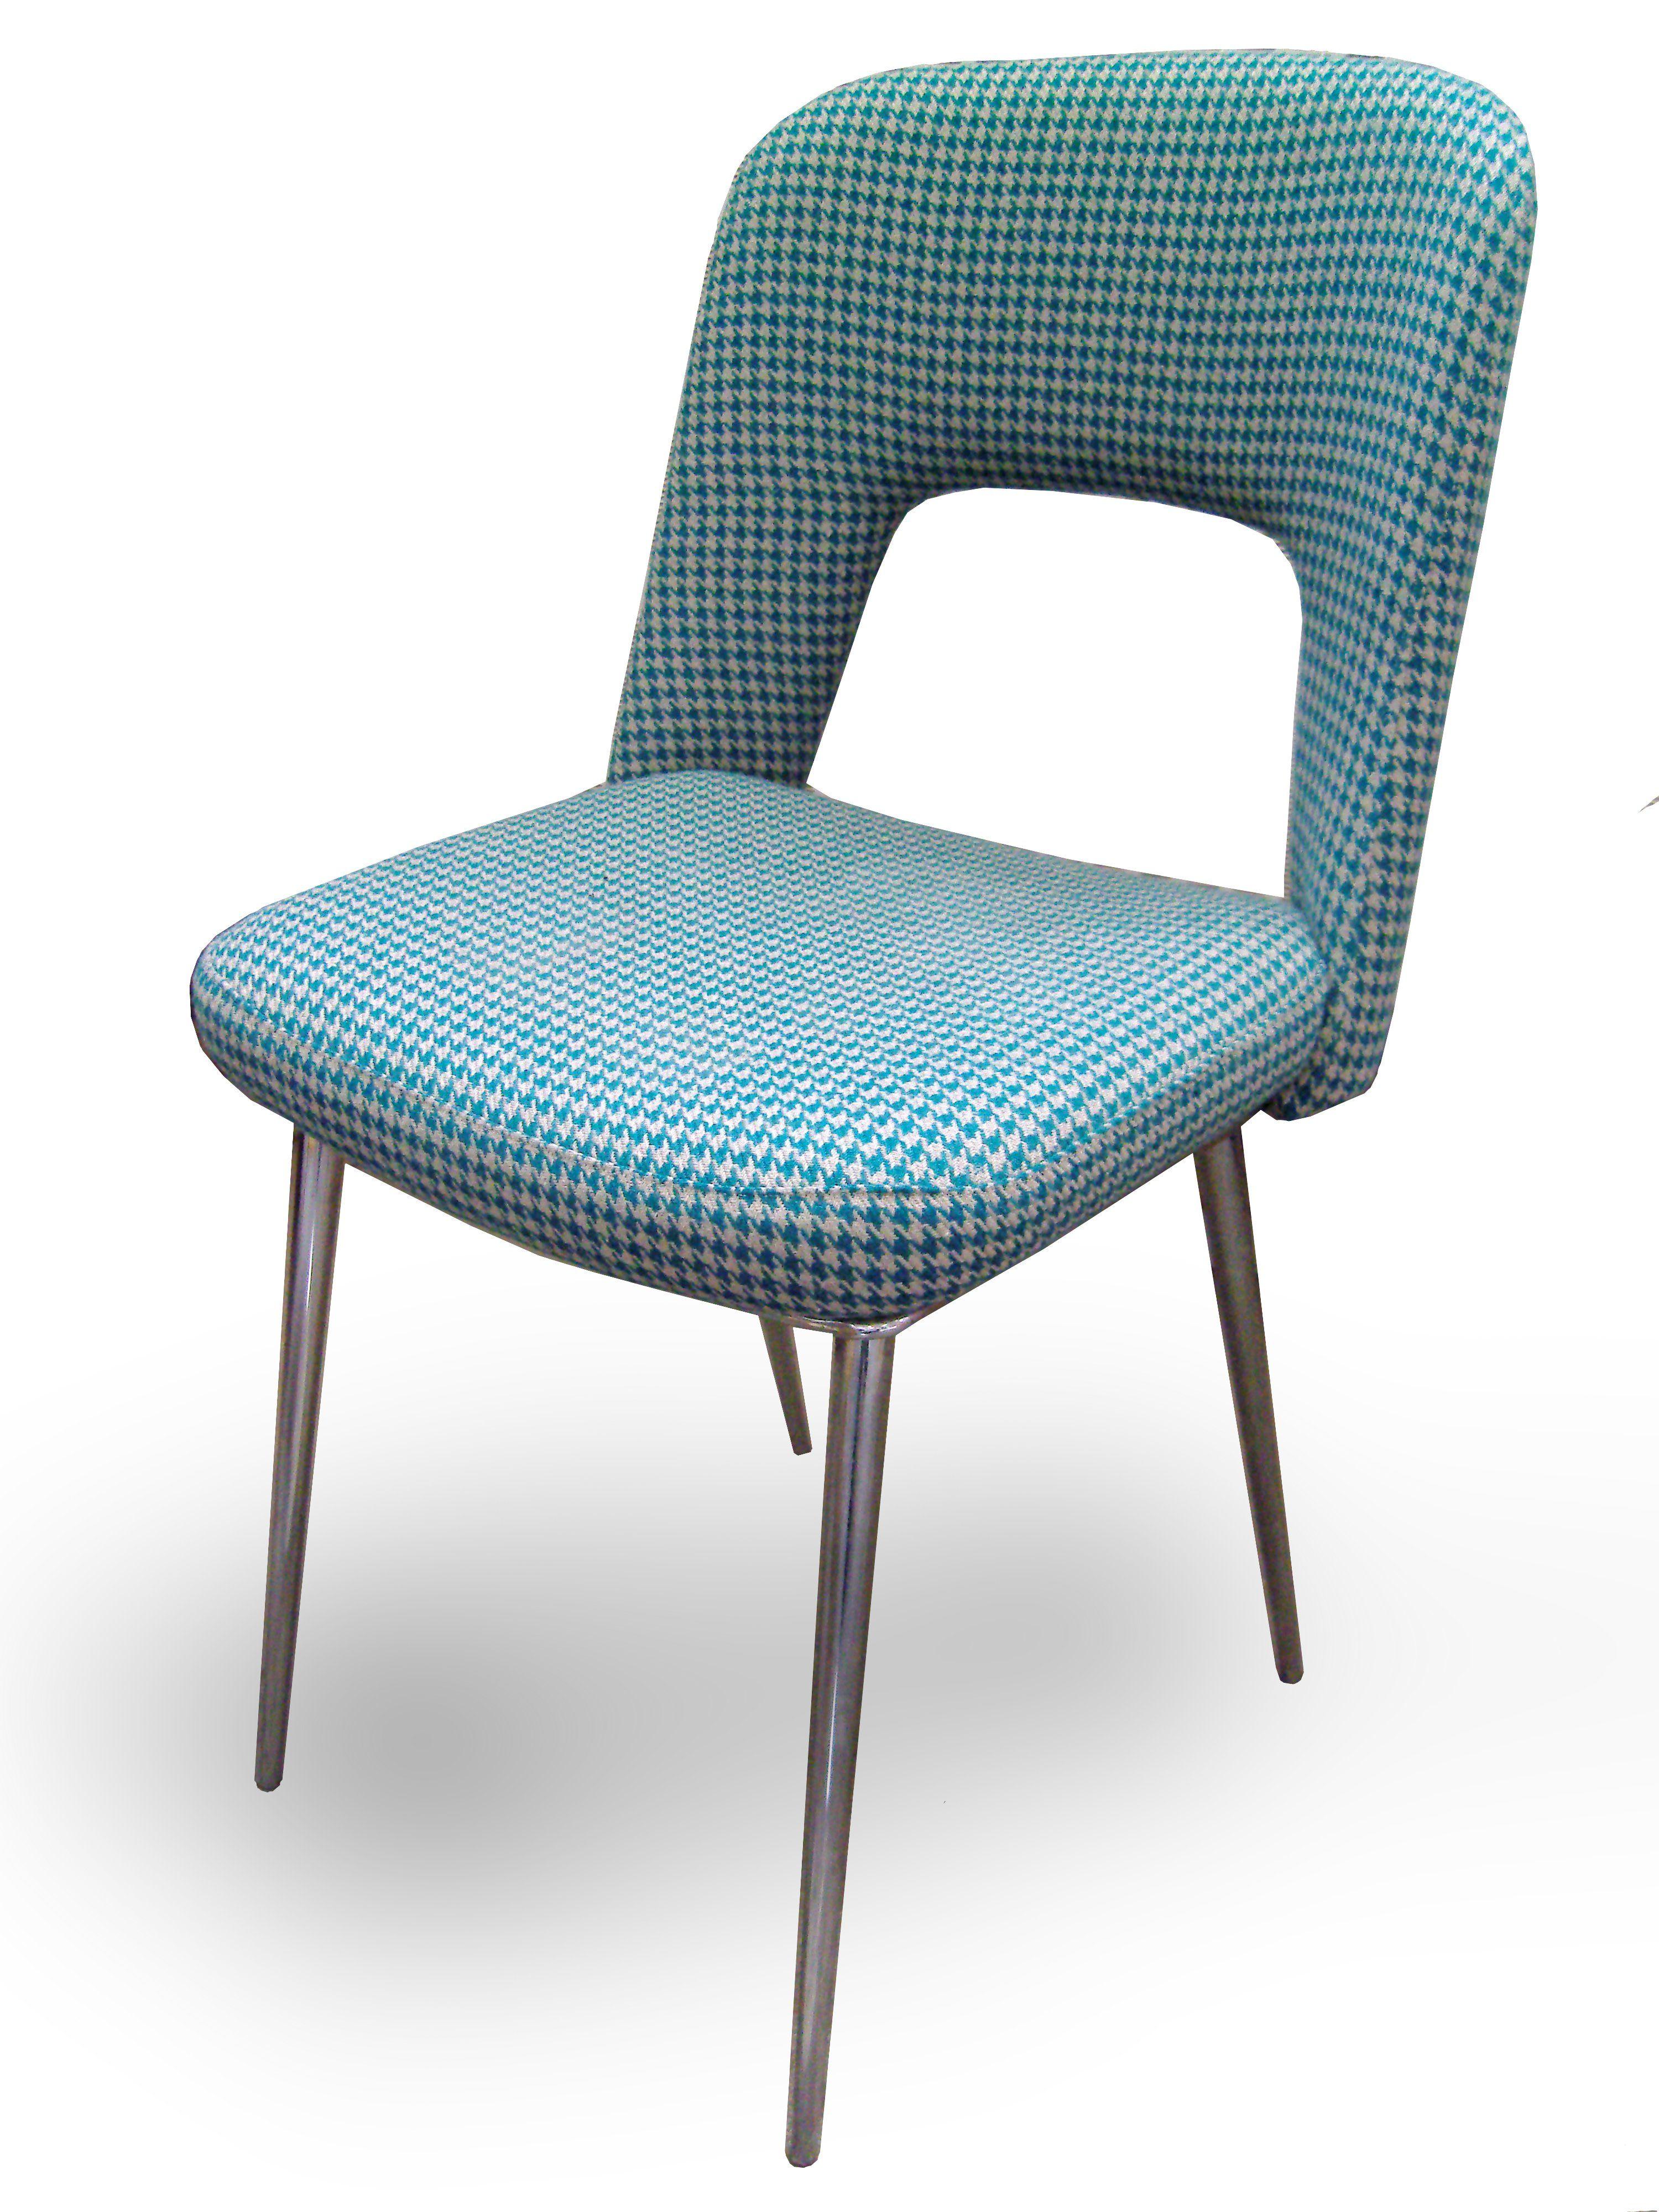 chaise vintage annes 70 - Chaise Annee 70